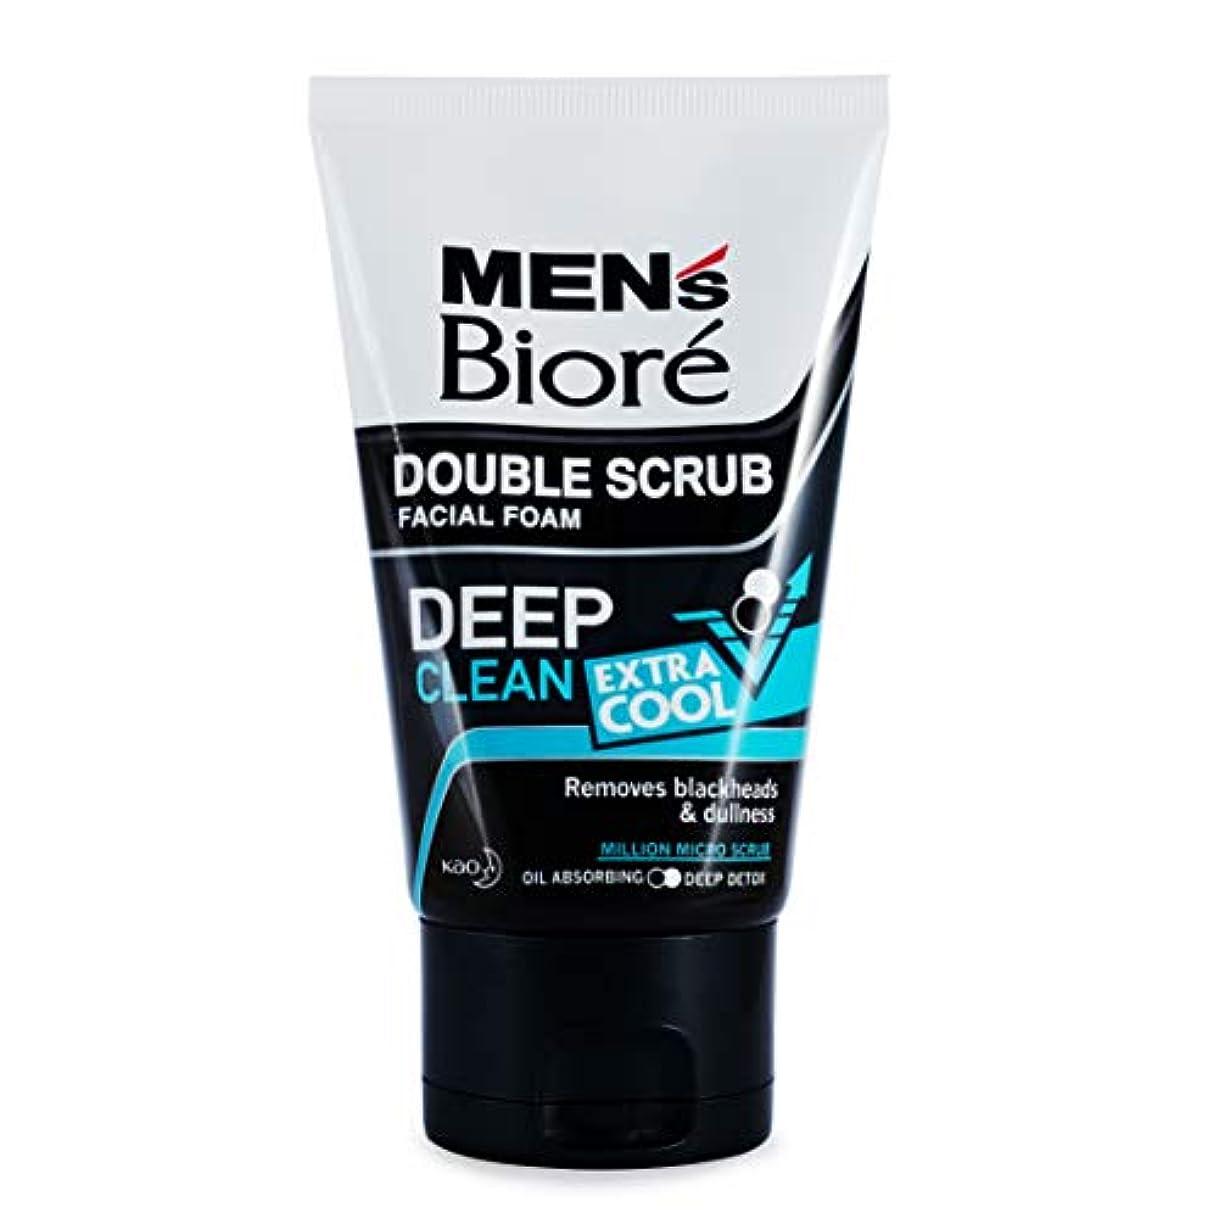 抽出通知するダウンタウンBiore Men's ダブルスクラブ余分なクールな顔泡100グラム、なめらかな明るい&健康な皮膚。 - 非常にクール&さわやかな感覚。